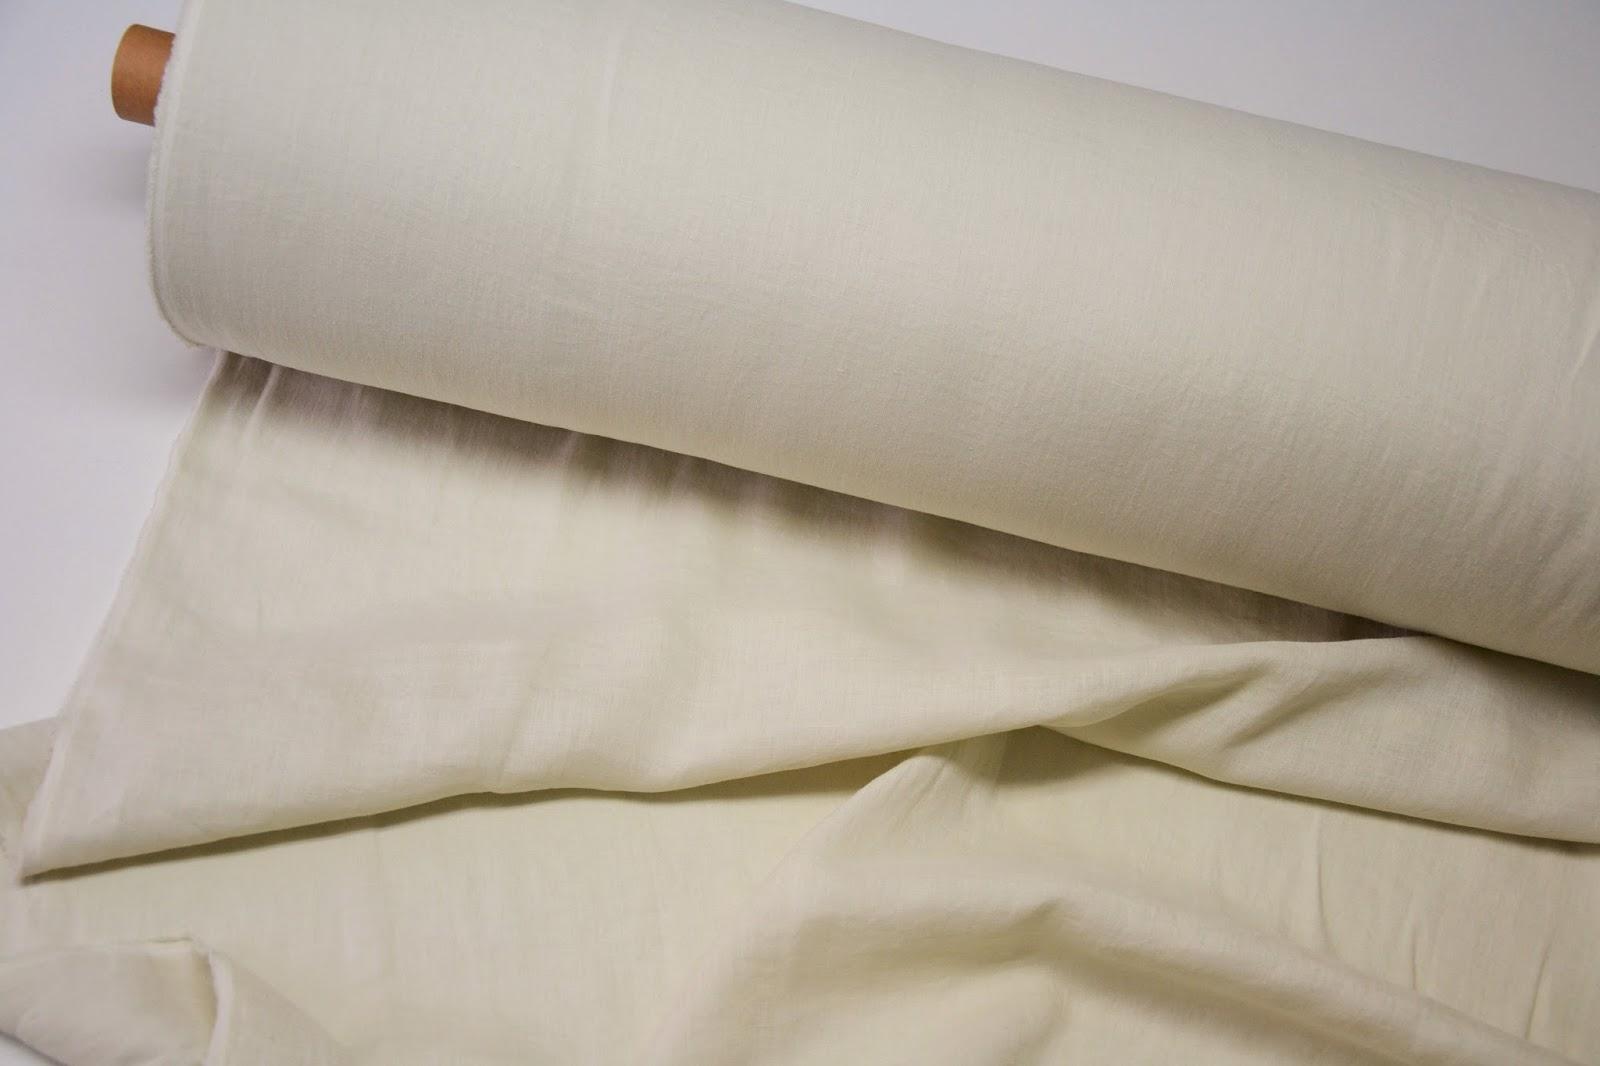 f5c4706e26 Bio-Textil Polski Len   Len Koszulowy Pościelowy 120 g m2